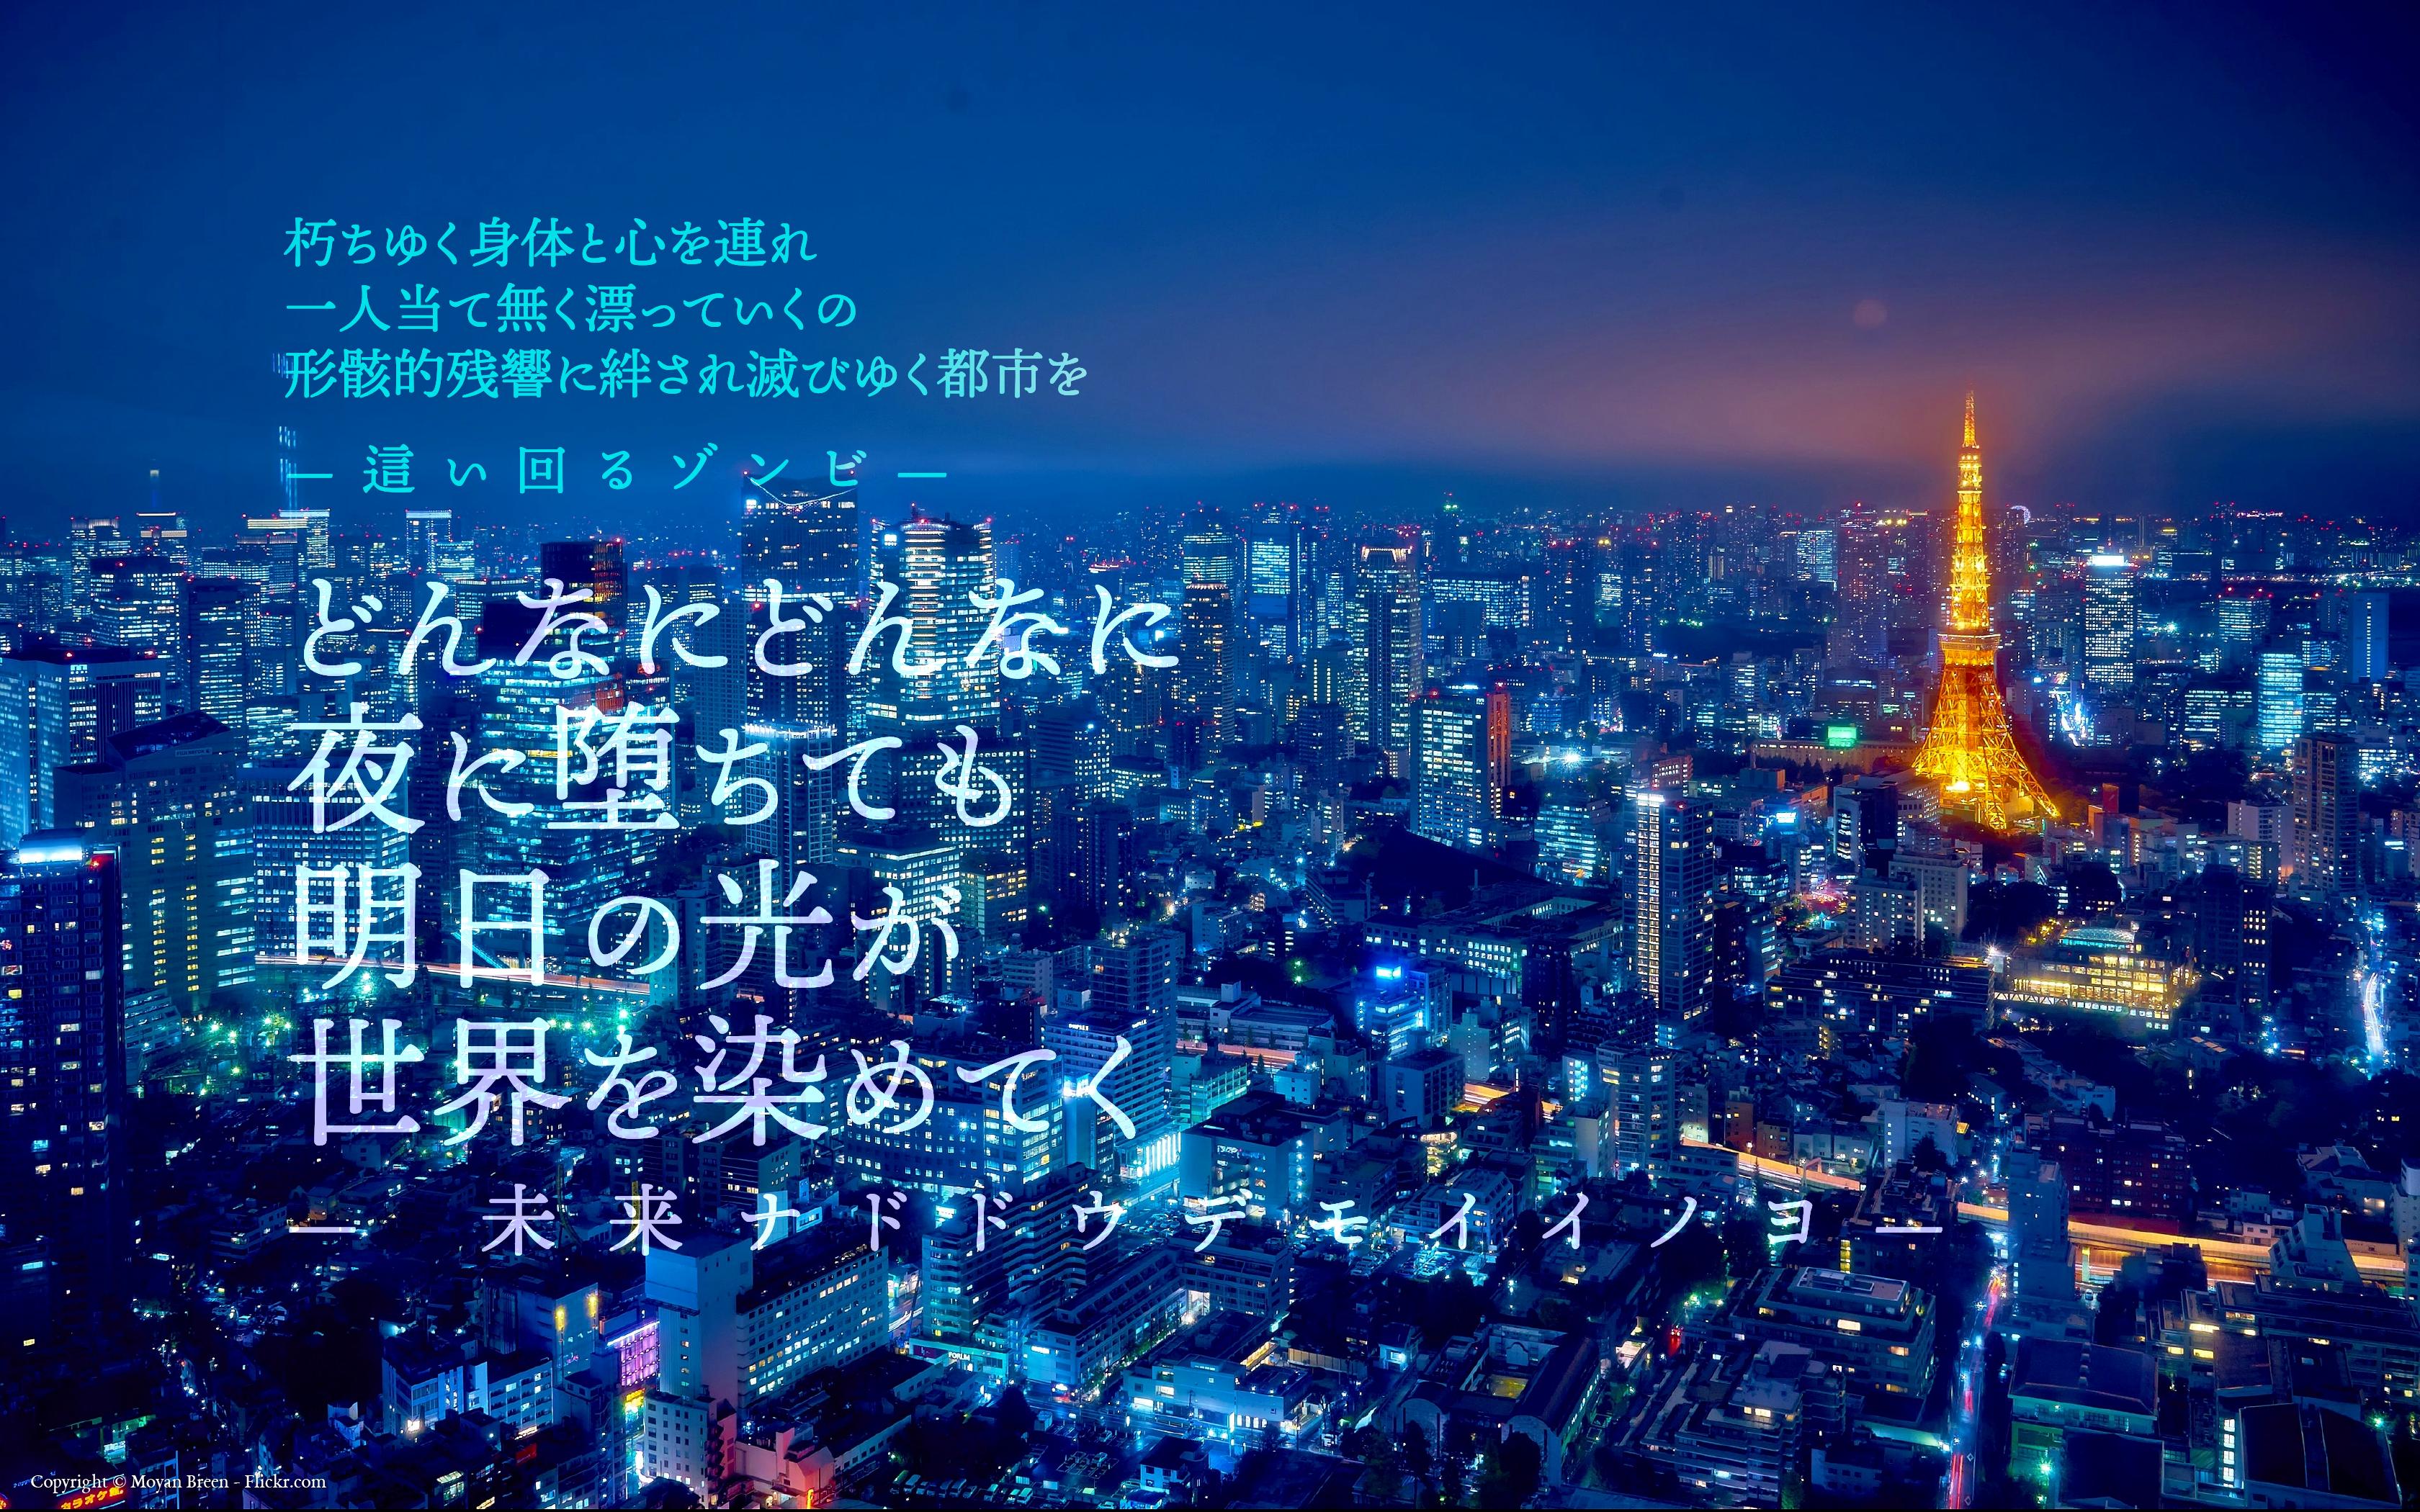 未来ナドドウデモイイノヨ